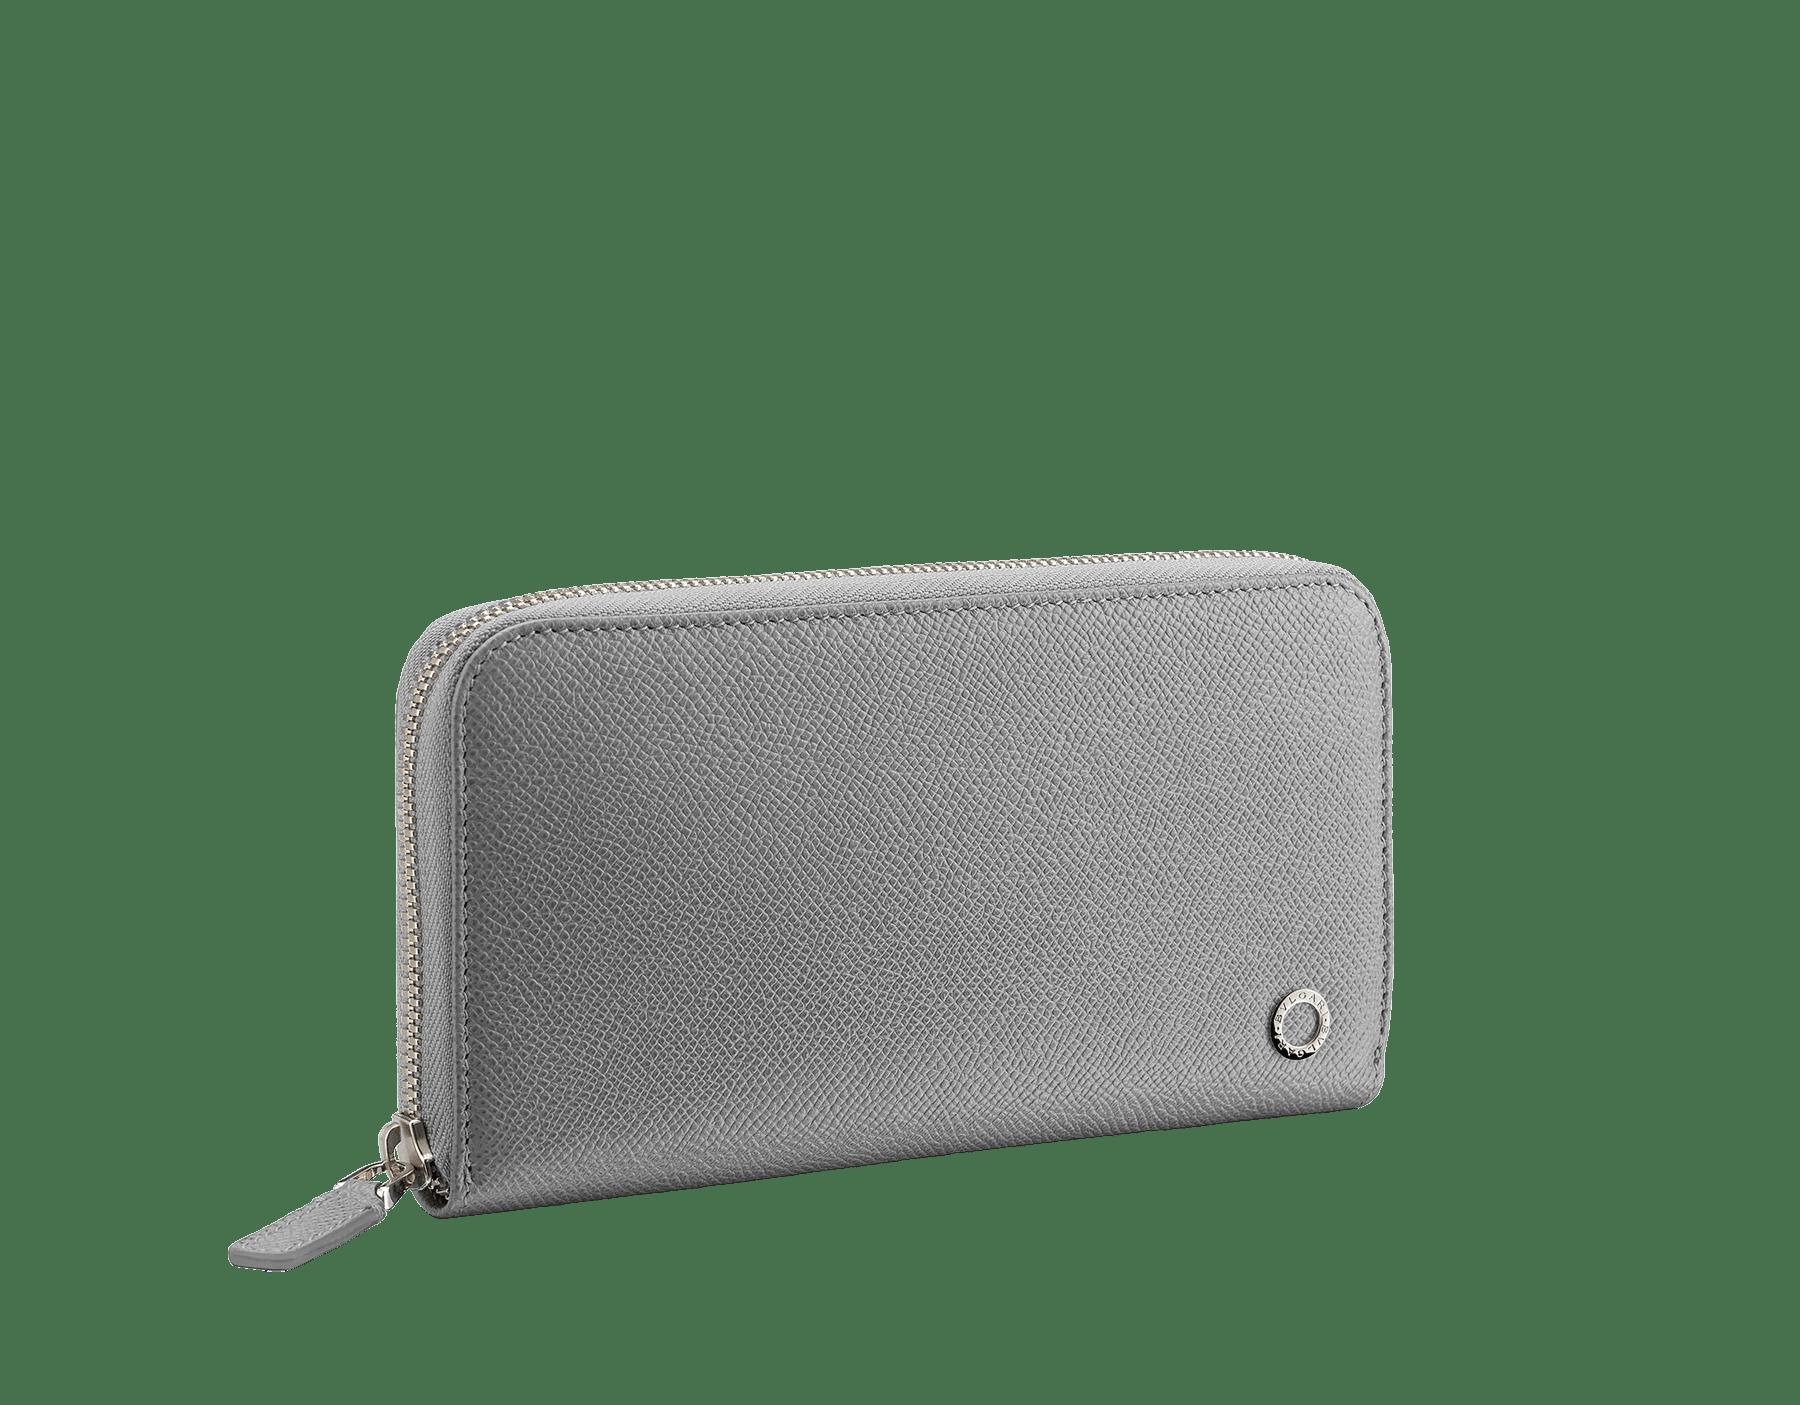 Charcoal DiamondグレーとAegean Topazライトブルーのグレインカーフレザー製ラージサイズの「ブルガリ・ブルガリ」ジップ付き財布。 パラジウムプレートブラス製のアイコニックなロゴの装飾。 BBM-WLT-M-ZIPa image 1